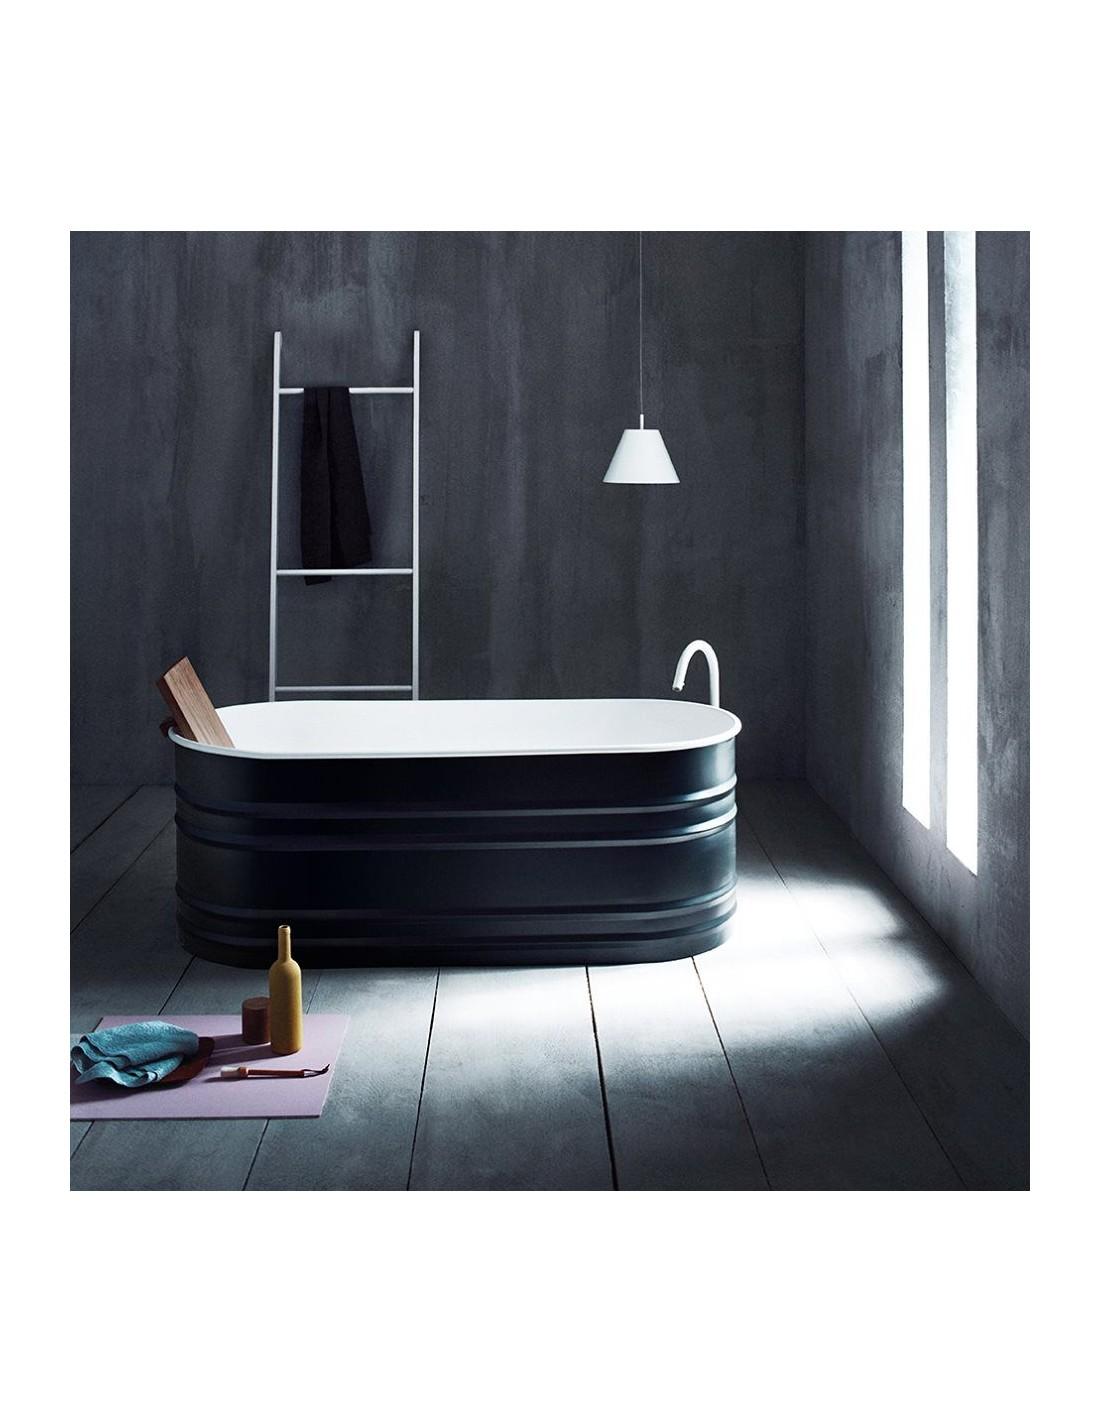 Baignoire luxe design viequesl  de la marque Agape